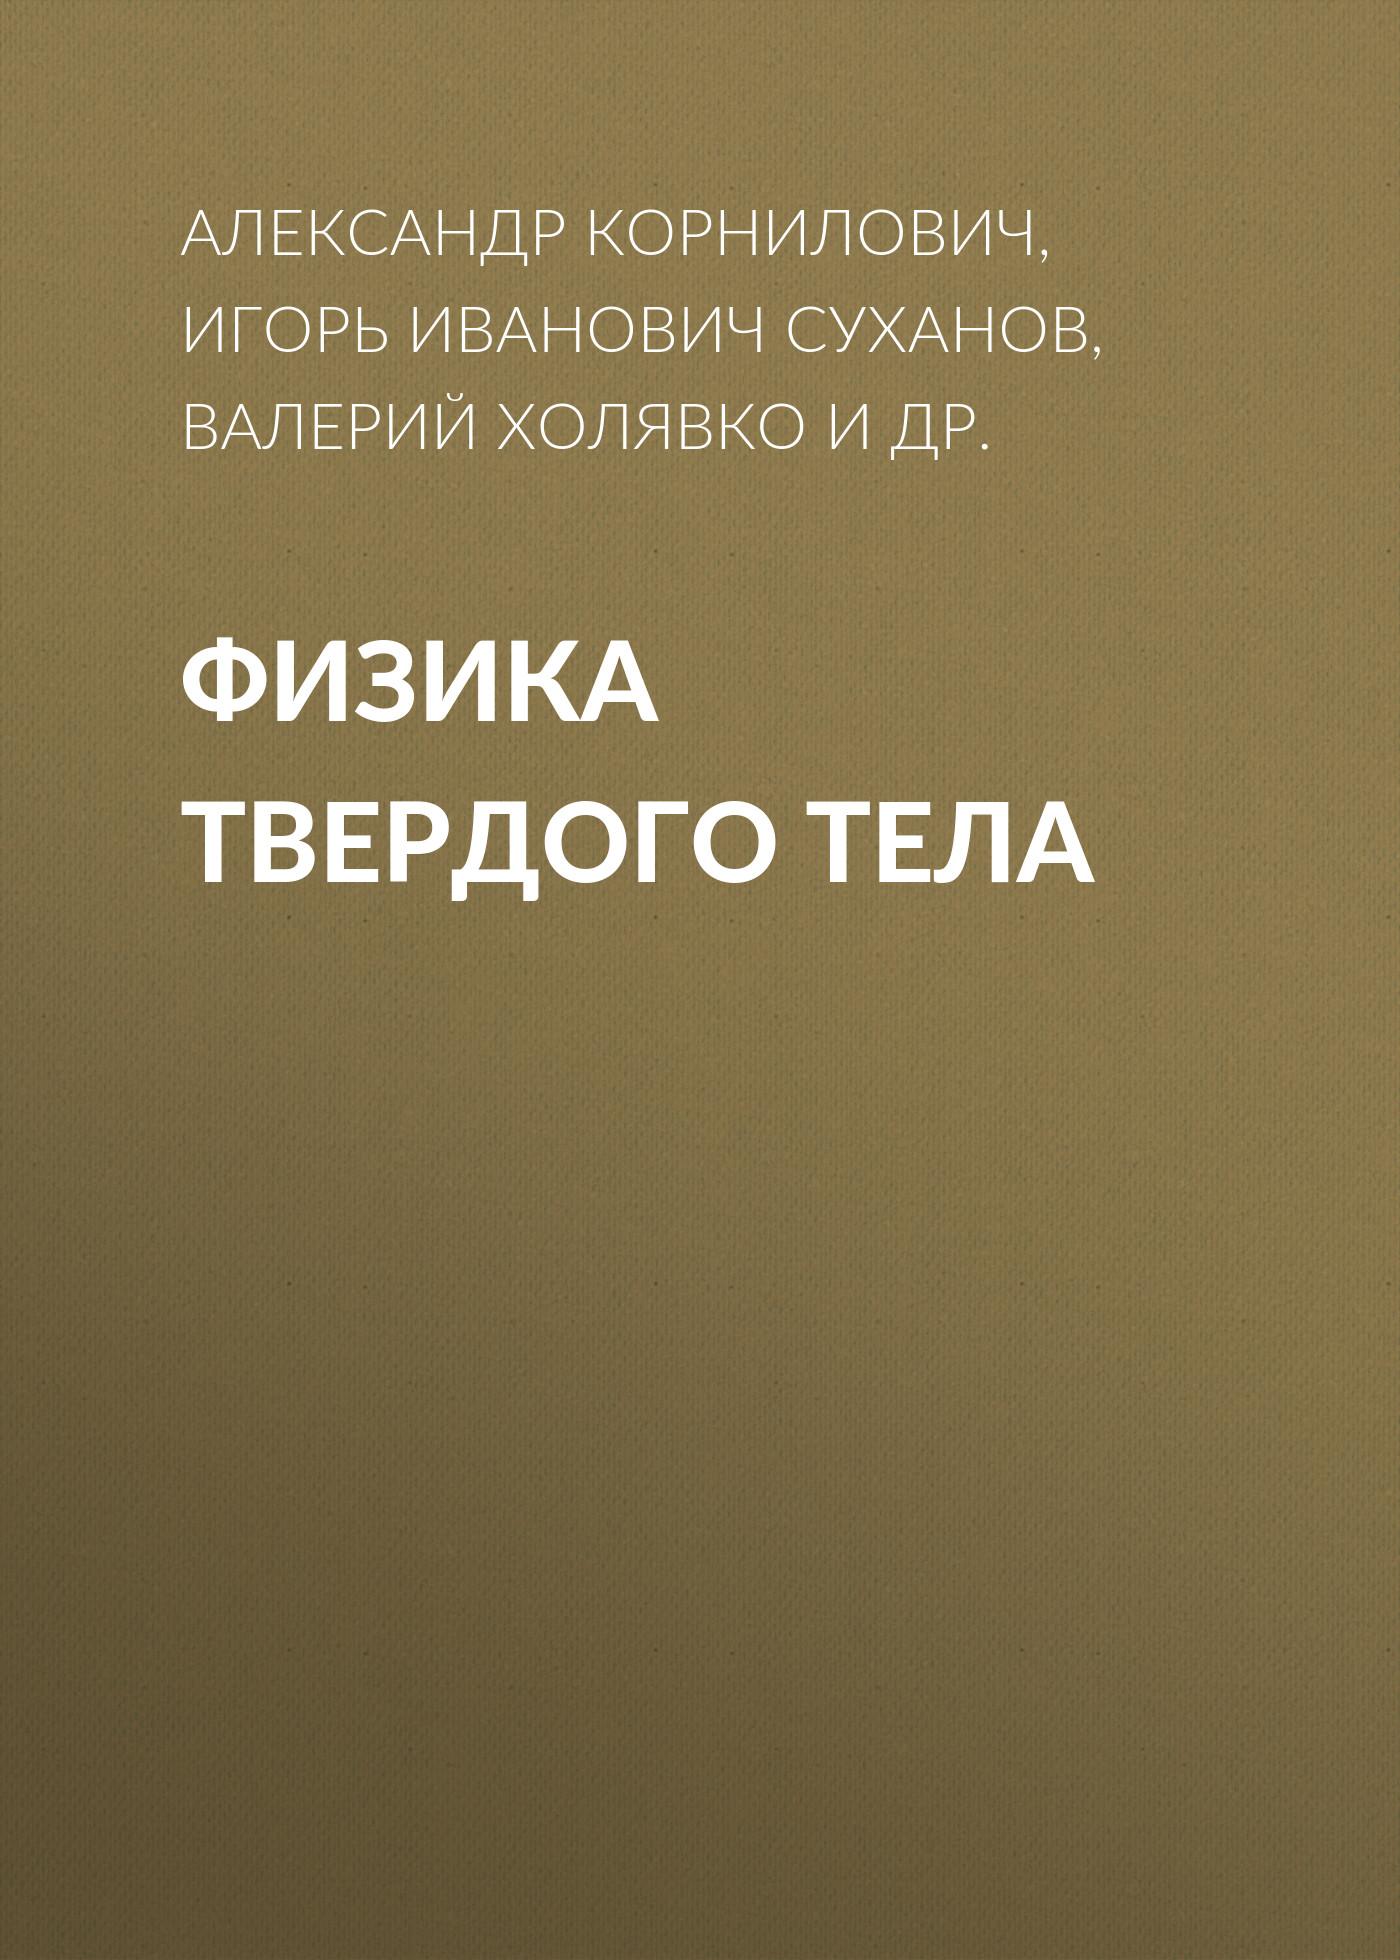 Фото - Игорь Иванович Суханов Физика твердого тела игорь иванович суханов основы оптики теория оптического изображения